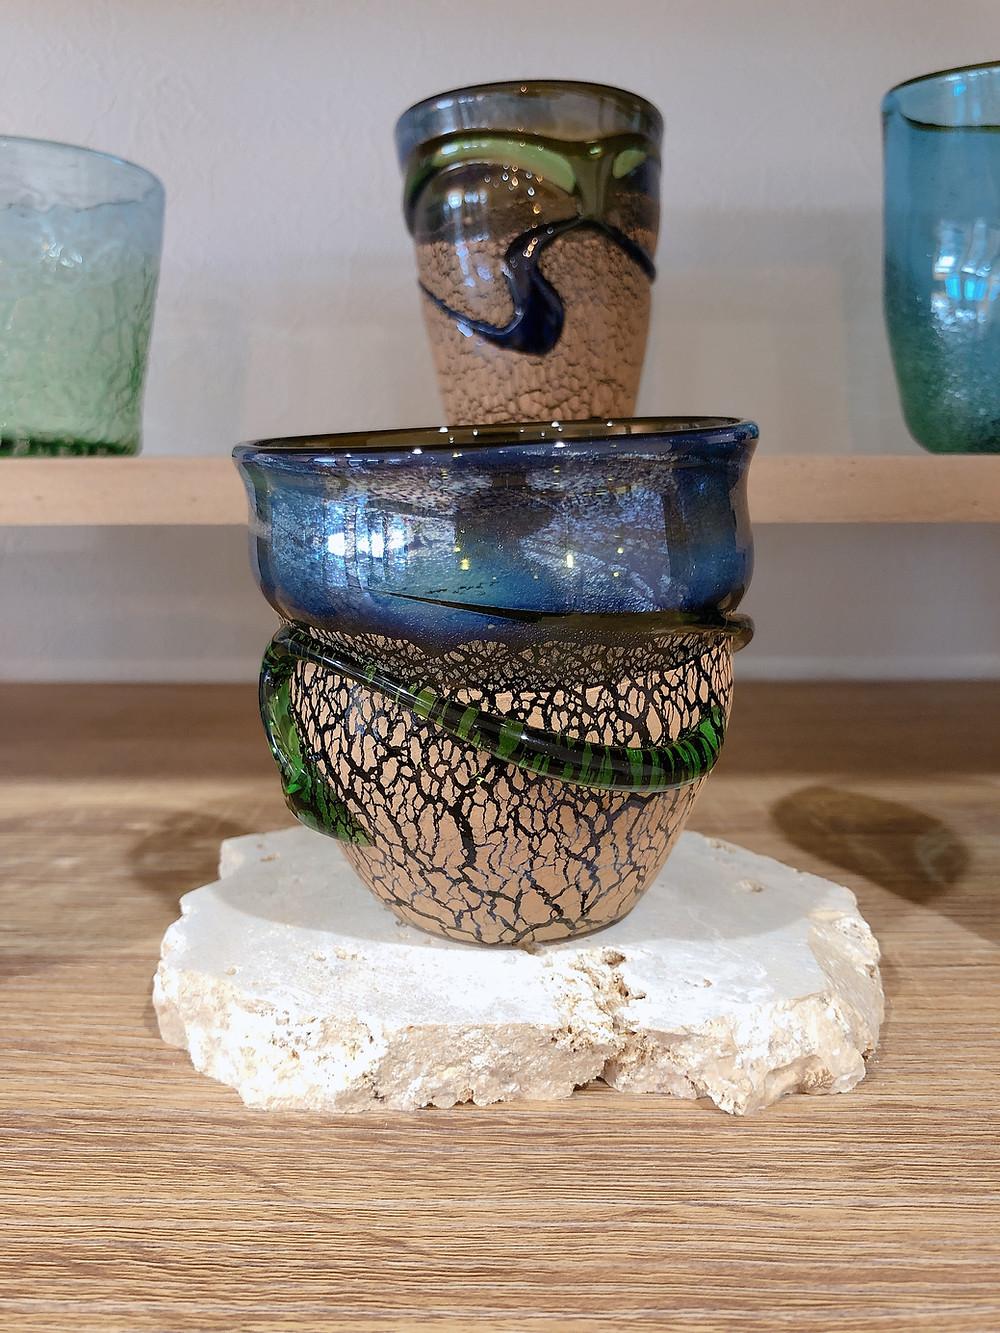 琉球ガラスの匠 稲嶺盛一郎作品入荷 土紋波巻オーロラグラス